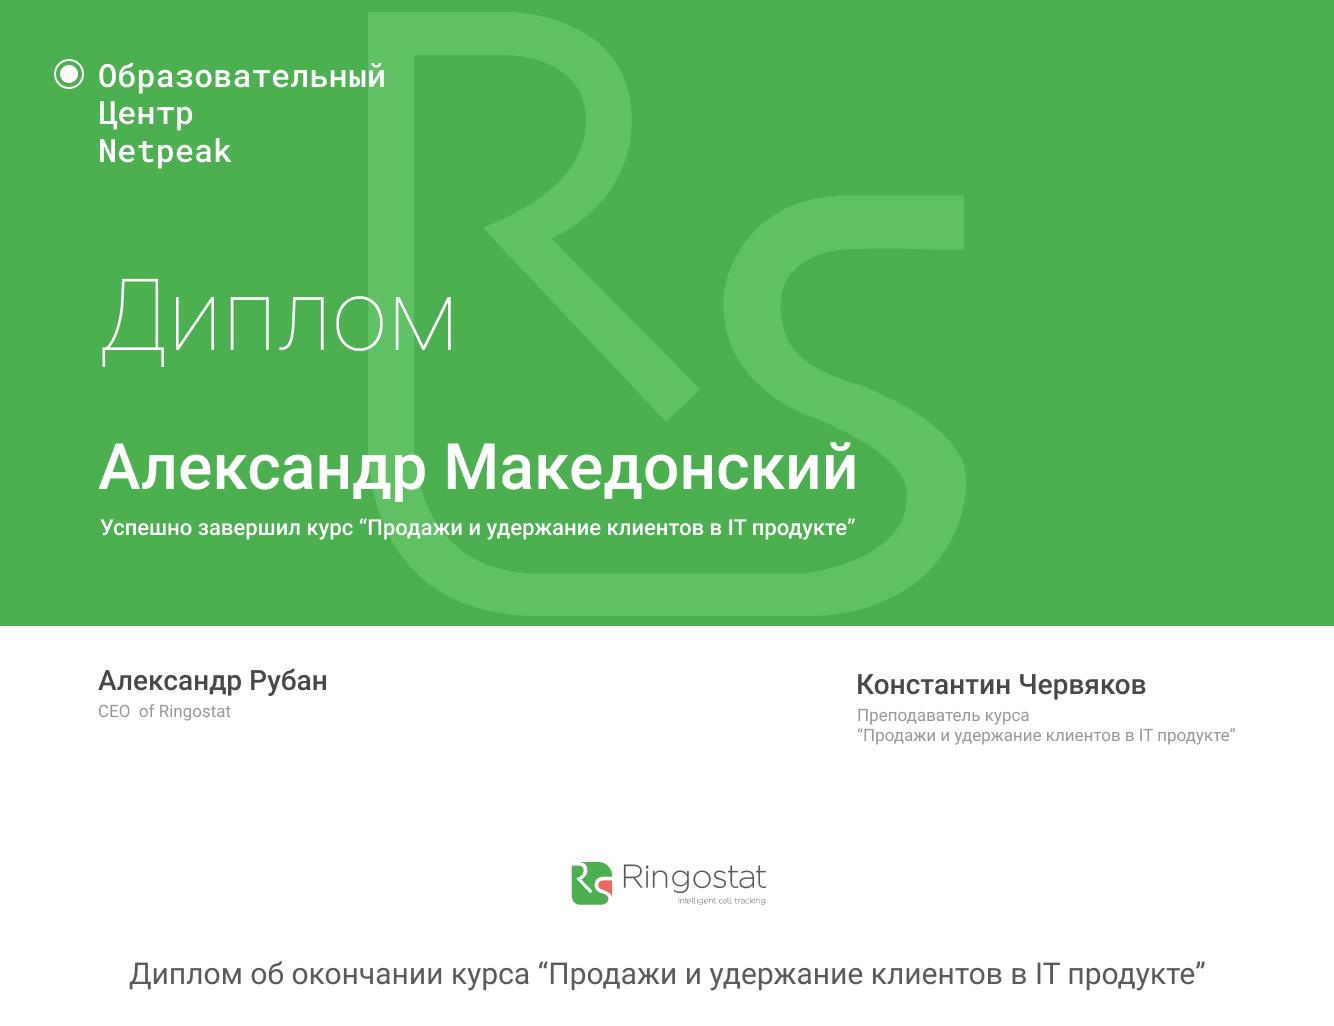 Диплом об окончании курса «IT Sales: Продажи и удержание клиентов в IT продукте»